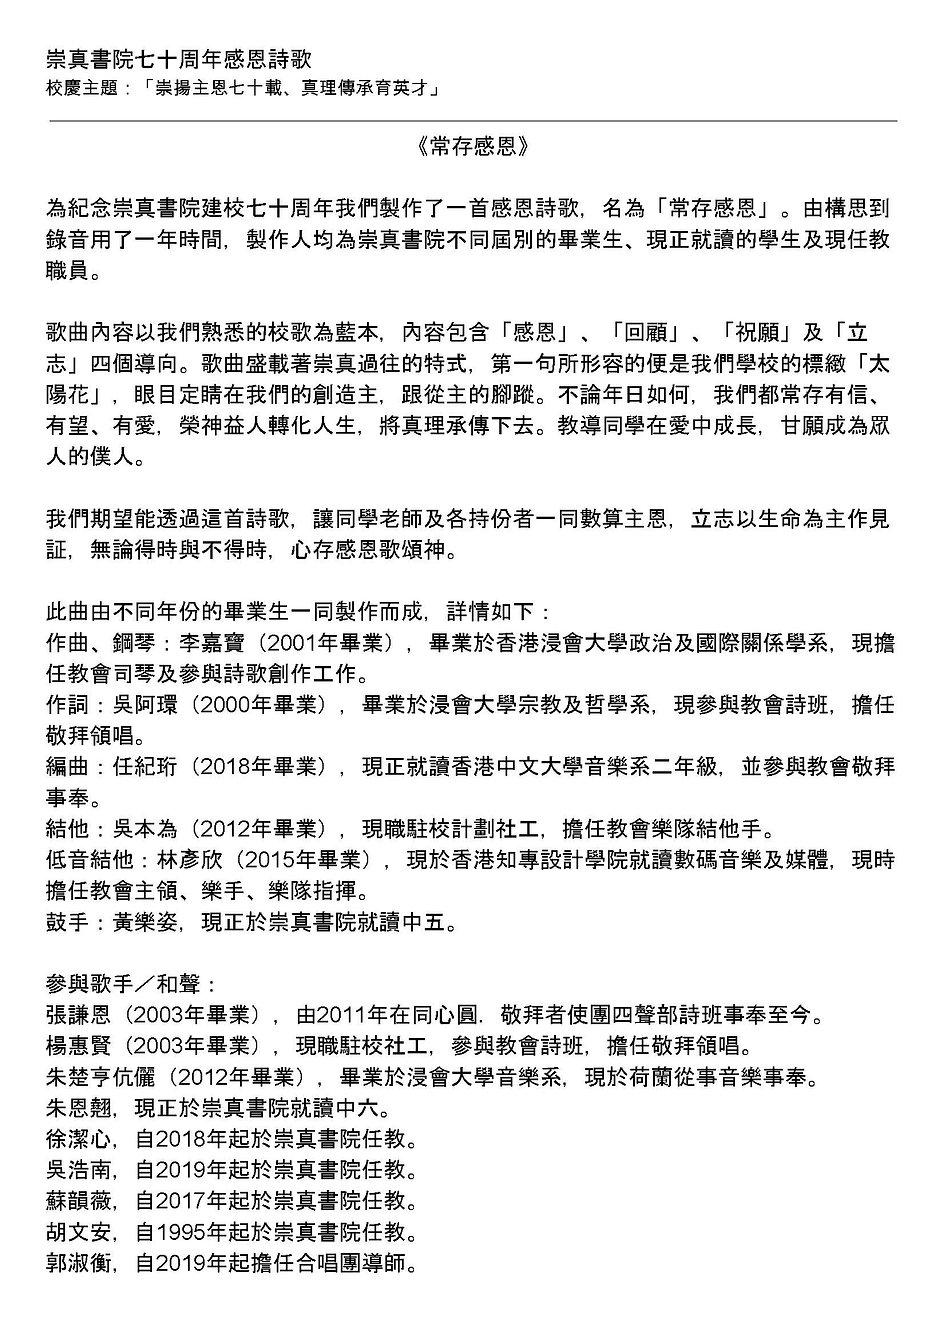 七十周年感恩詩歌簡介(2)_頁面_1.jpg